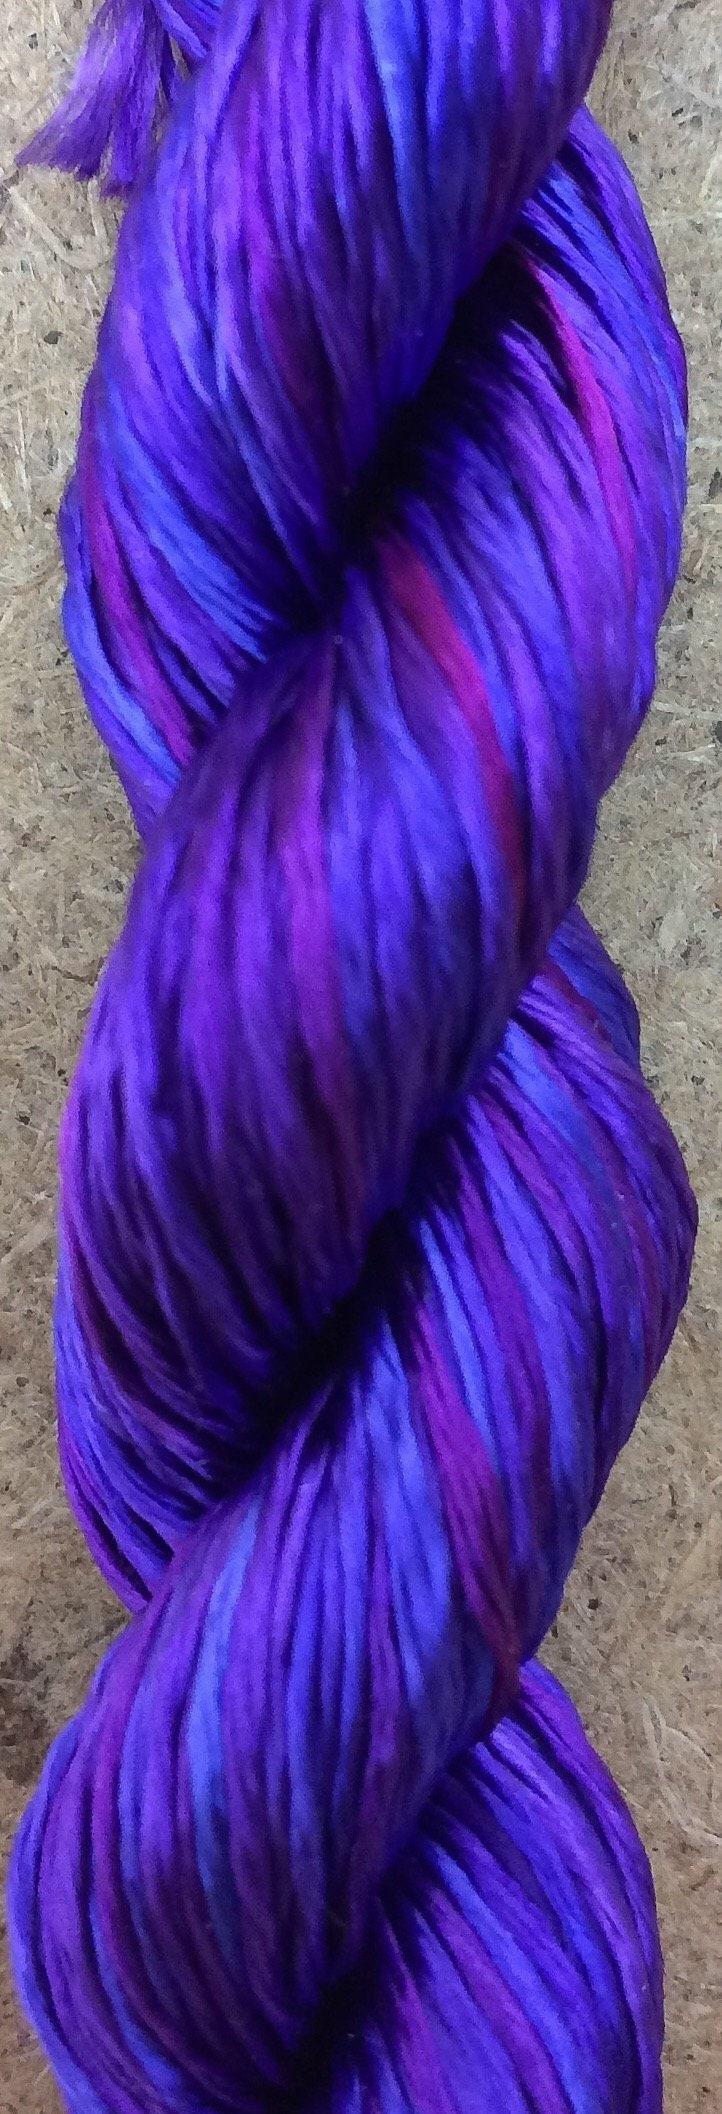 Rayon Floss, No 05 Violet, Viscose Floss, 4 Strand Viscose